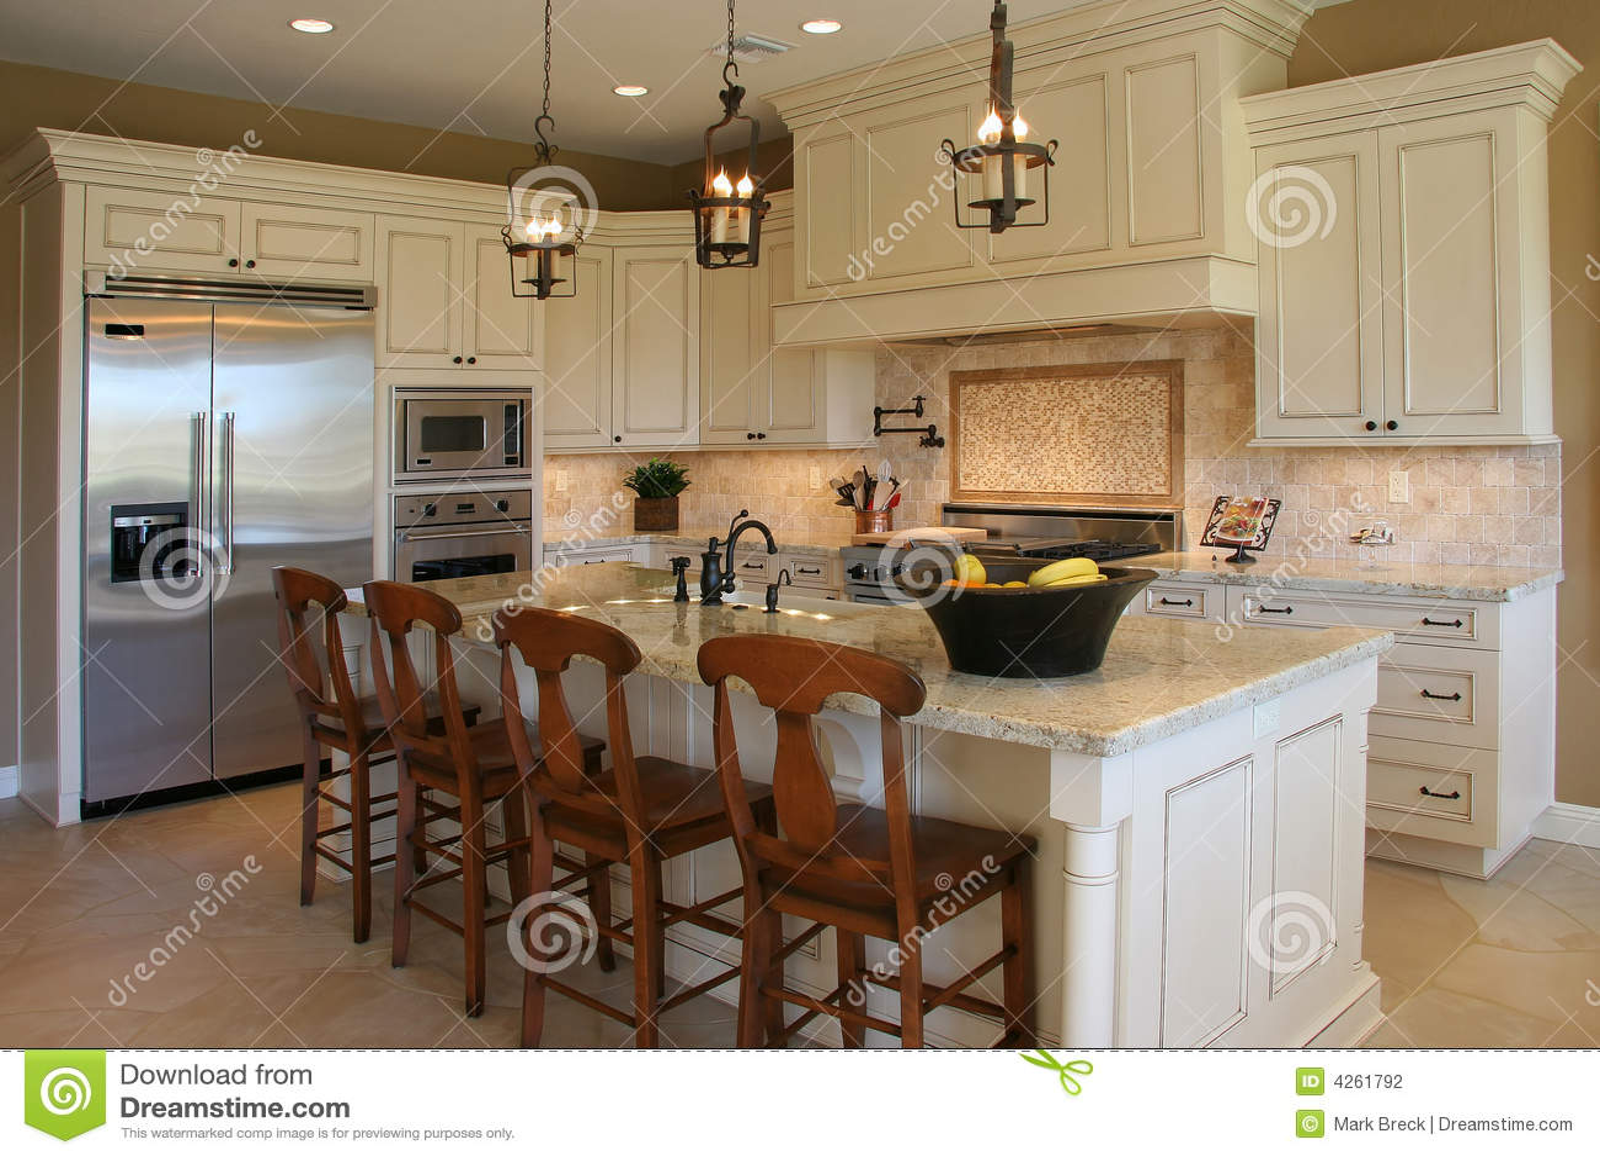 Modern luxury kitchen